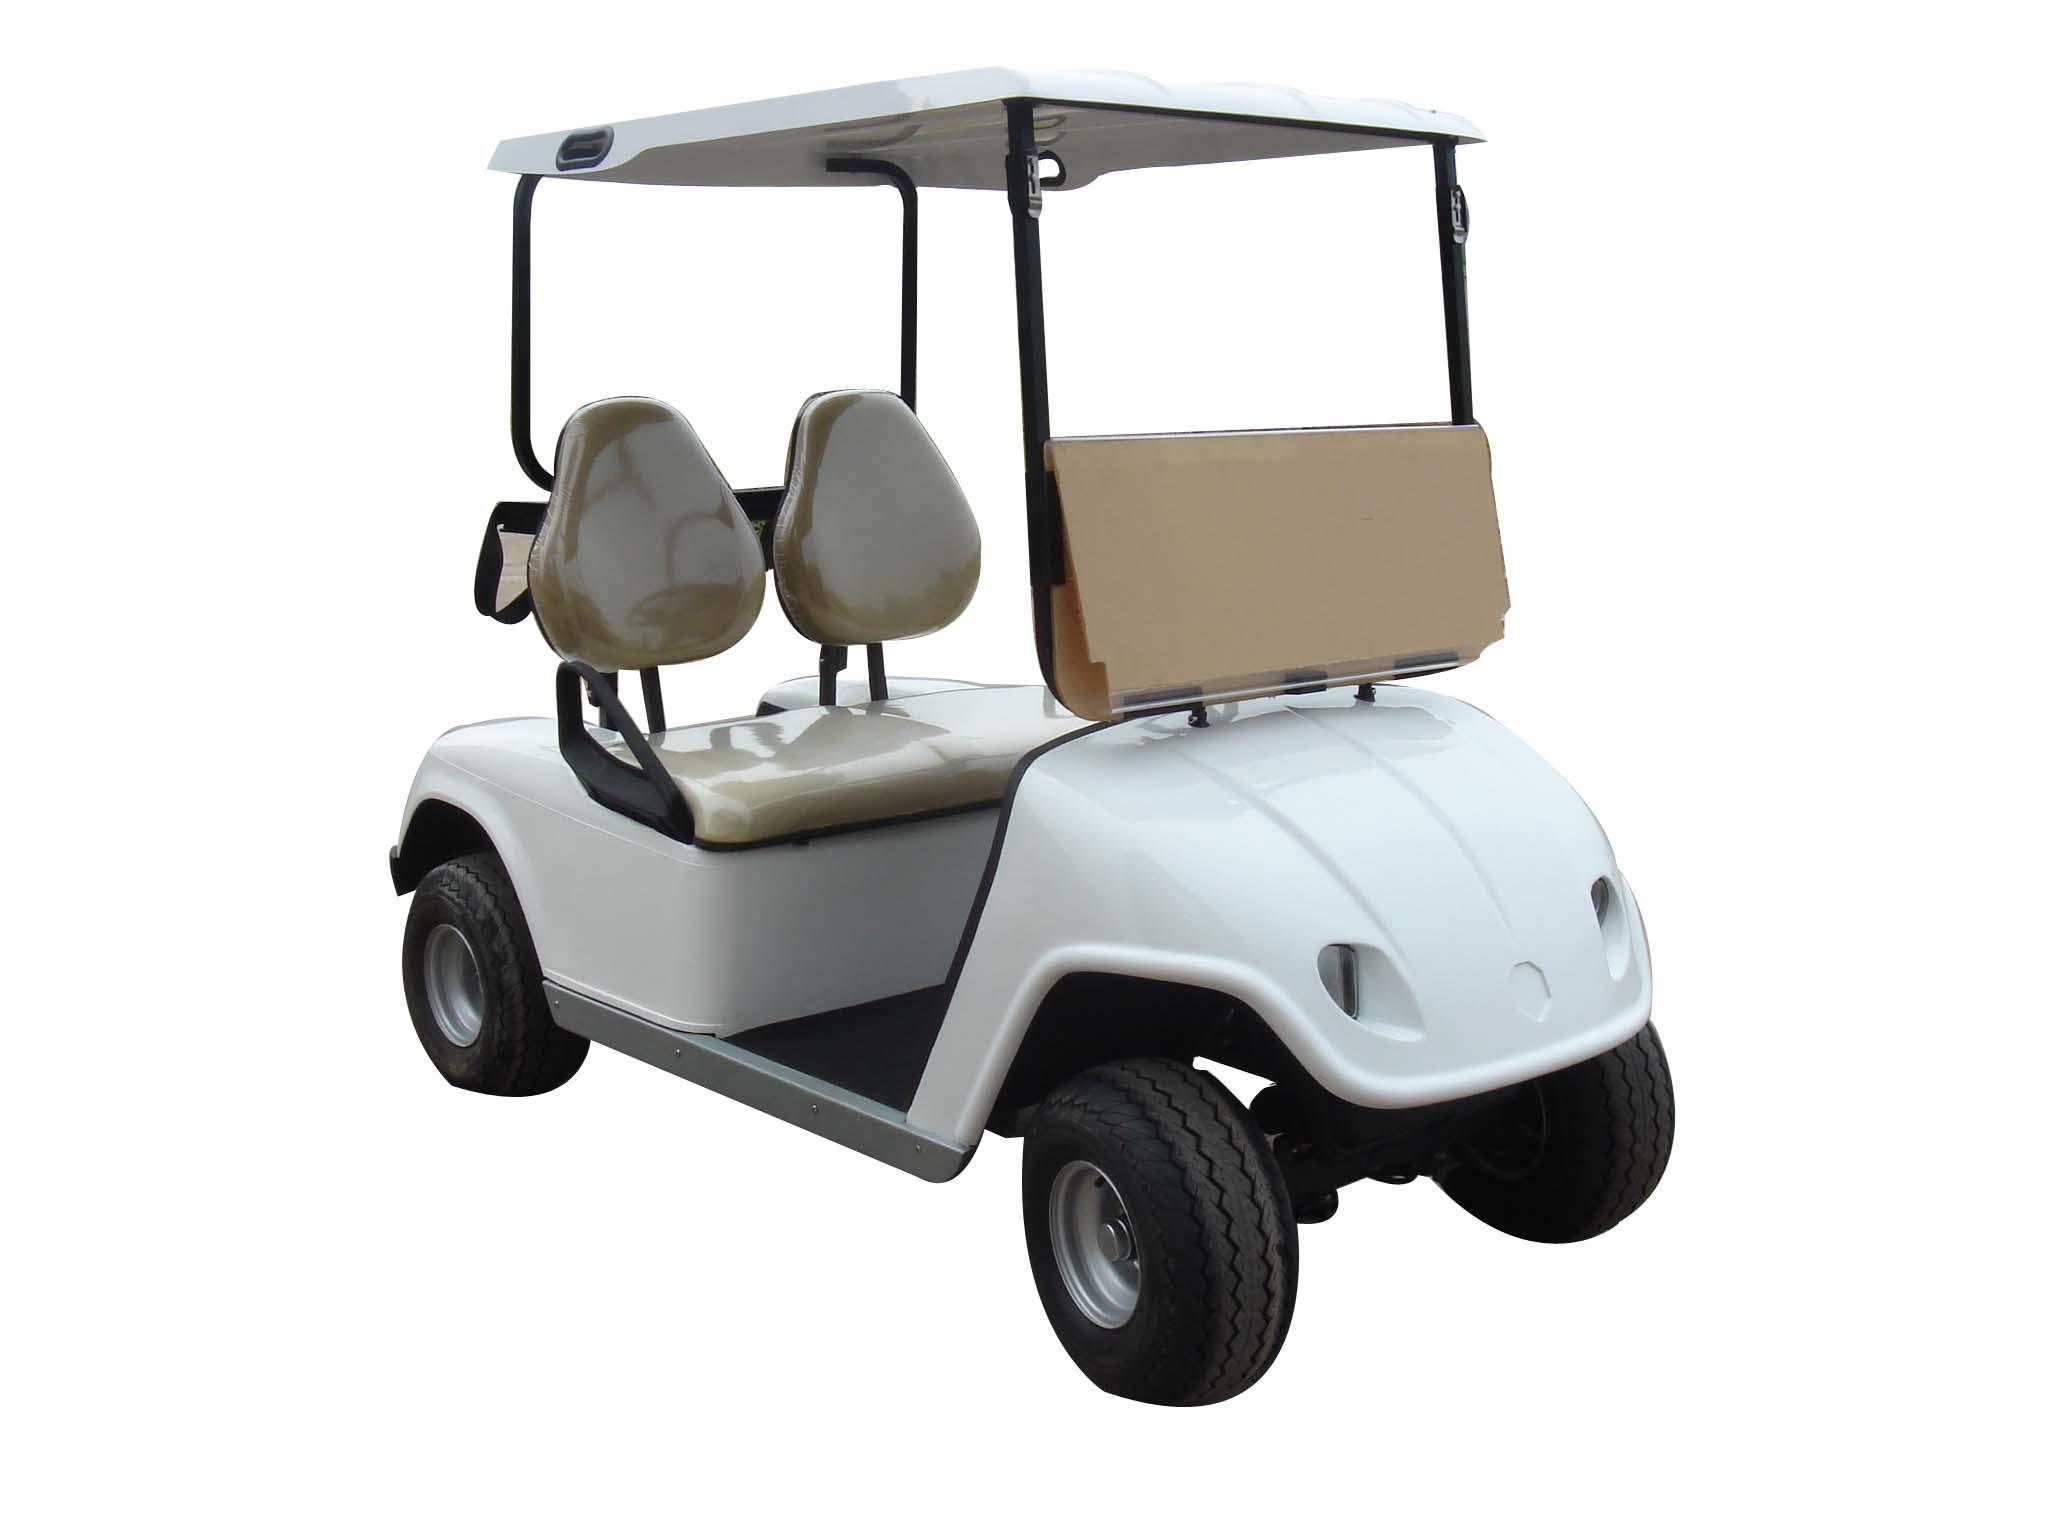 2010 Club Car Precedent Wiring Diagram : New golf buggy golf carts golf car es gsw